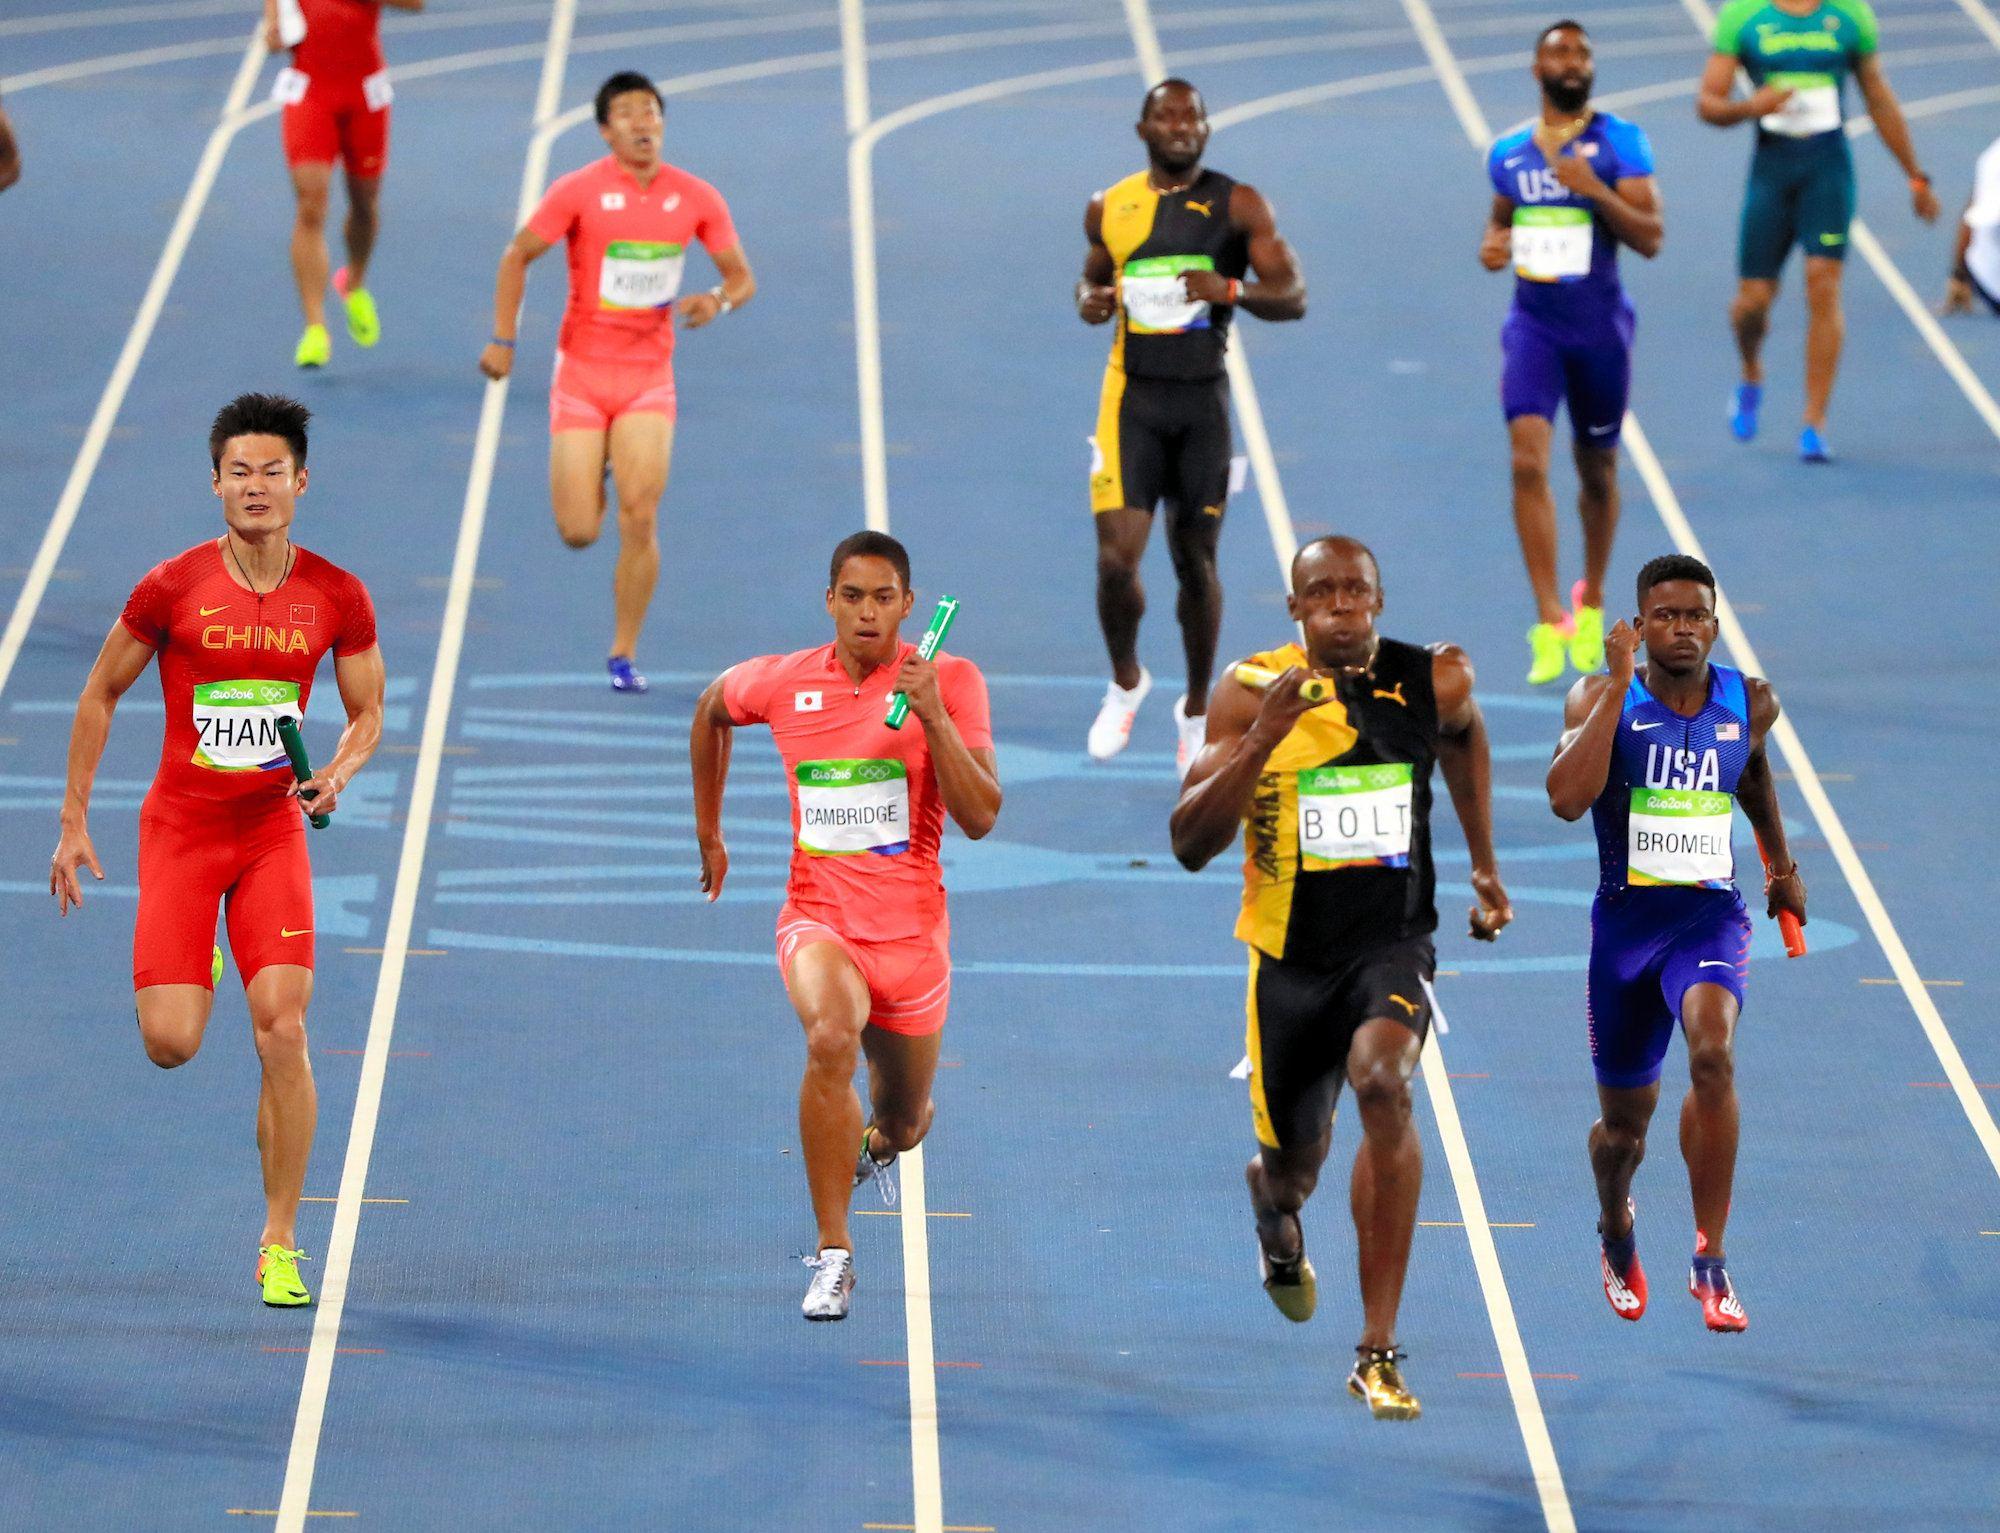 リオ五輪 - 競技一覧:朝日新聞デジタル